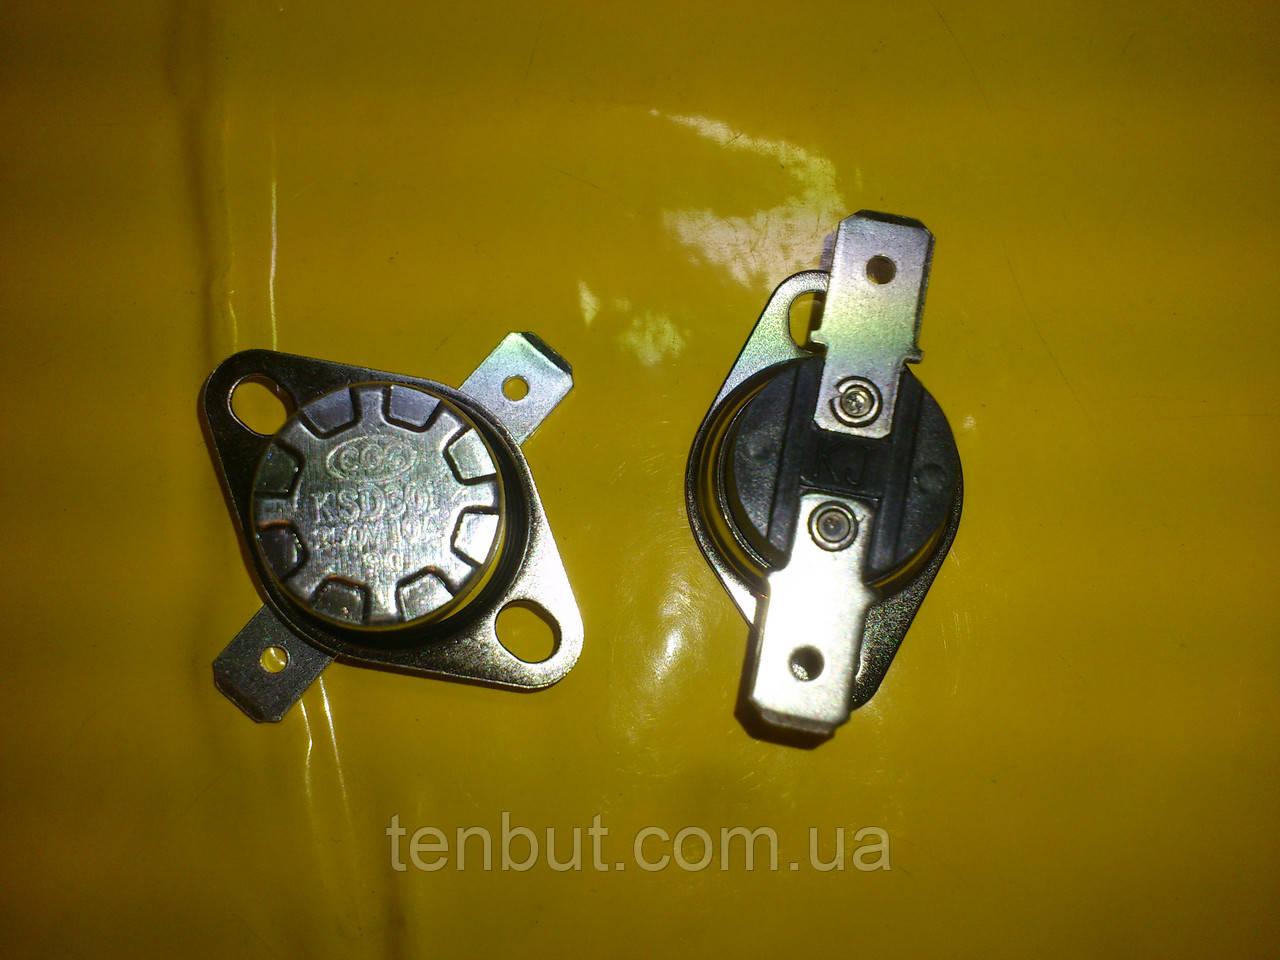 Реостат авто включения-выключения KSD 301 / 90℃ / 250 в. / 10 А / 17 мм. диаметр . Нормально замкнут .